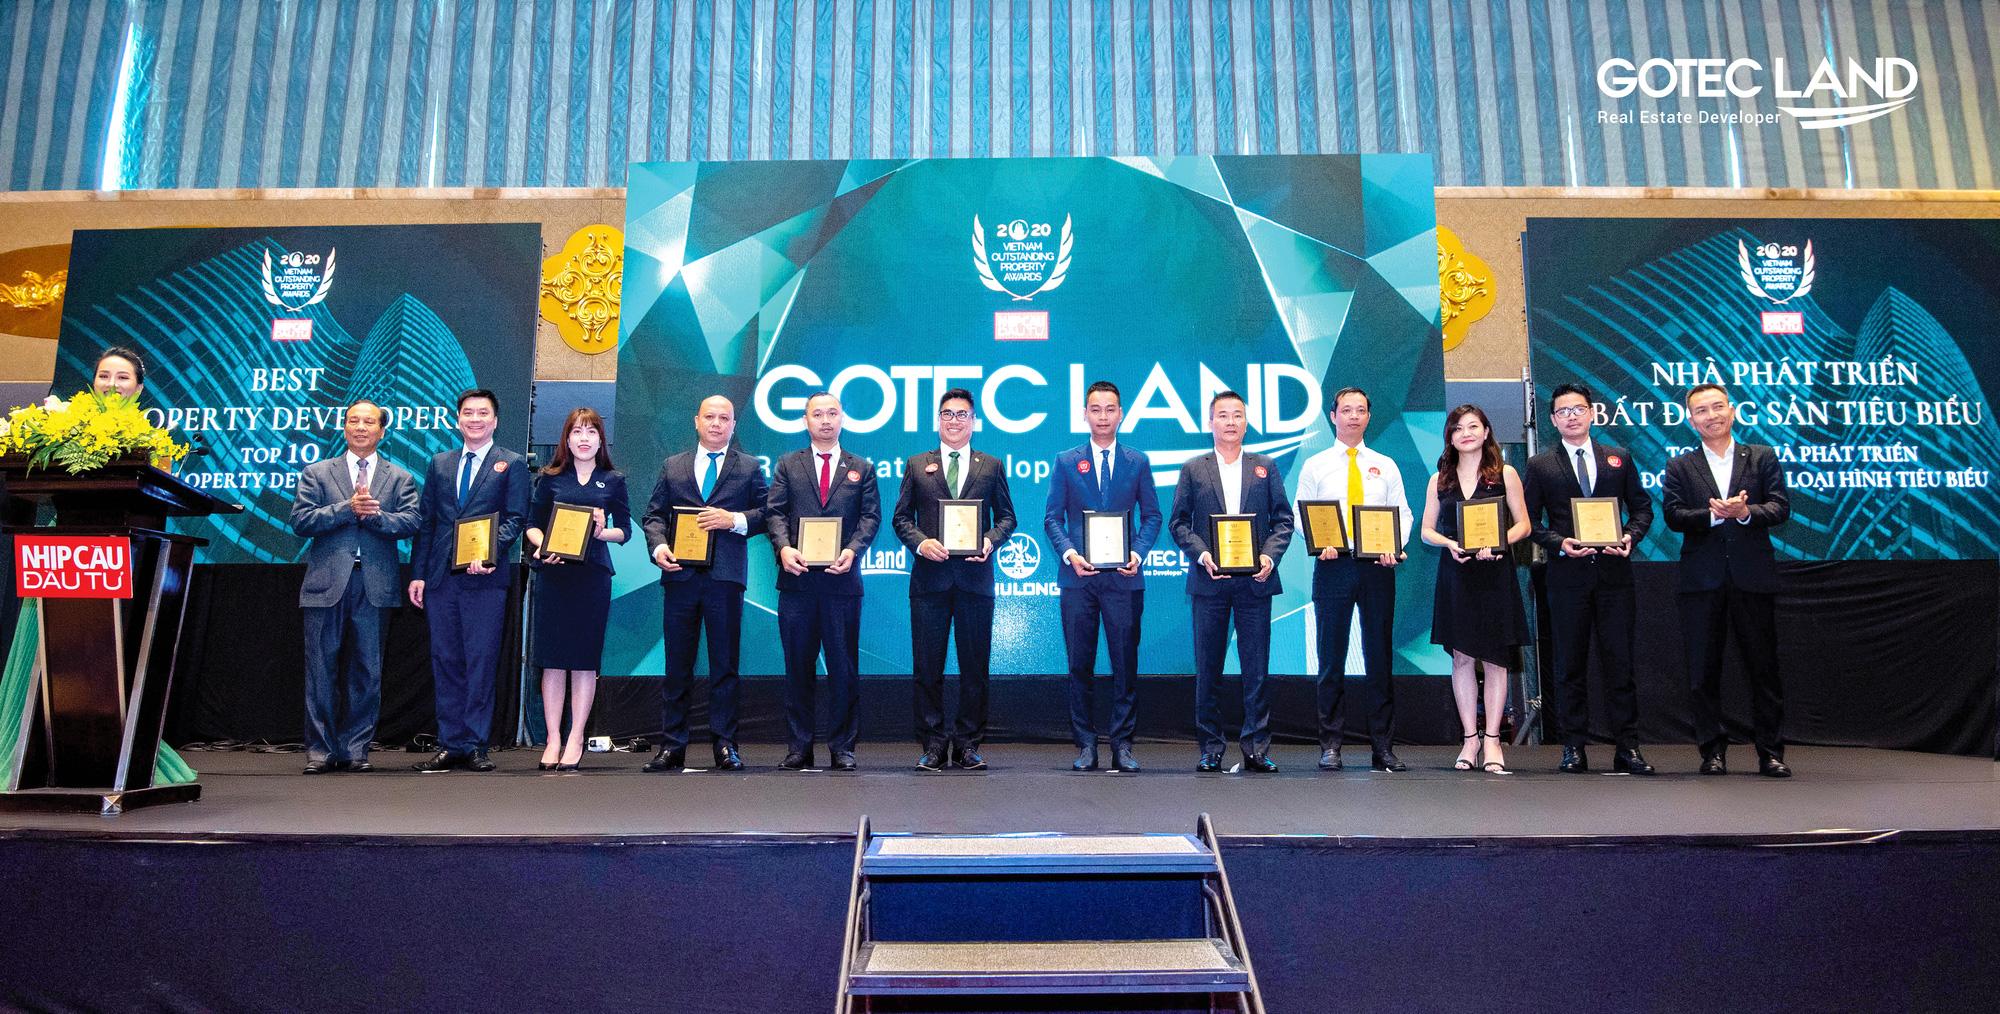 Gotec Land - Đề ra chiến lược nhà phát triển bất động sản mang đến giá trị bền vững - Ảnh 11.